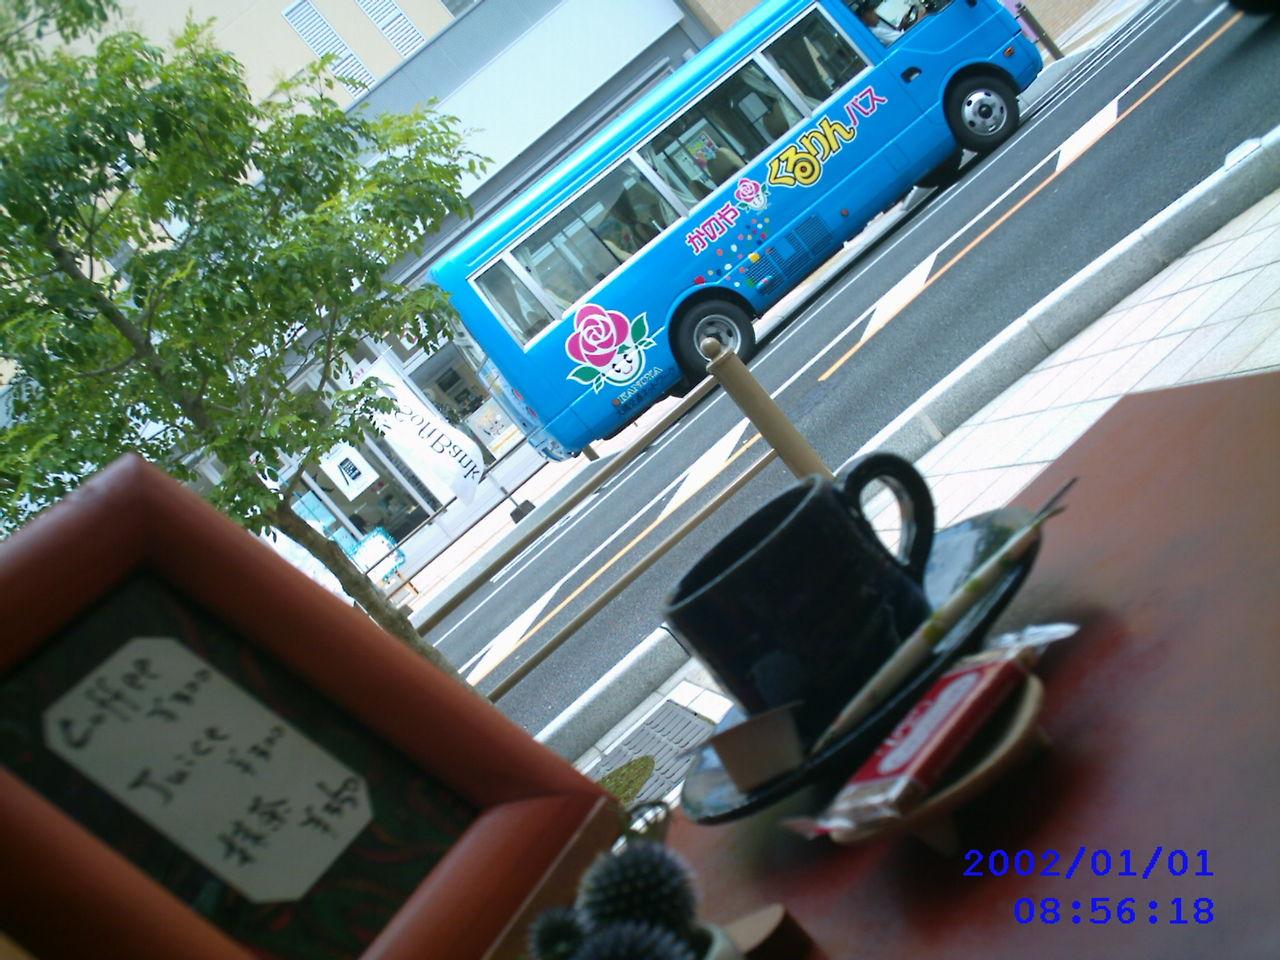 20080709172830_1.JPG